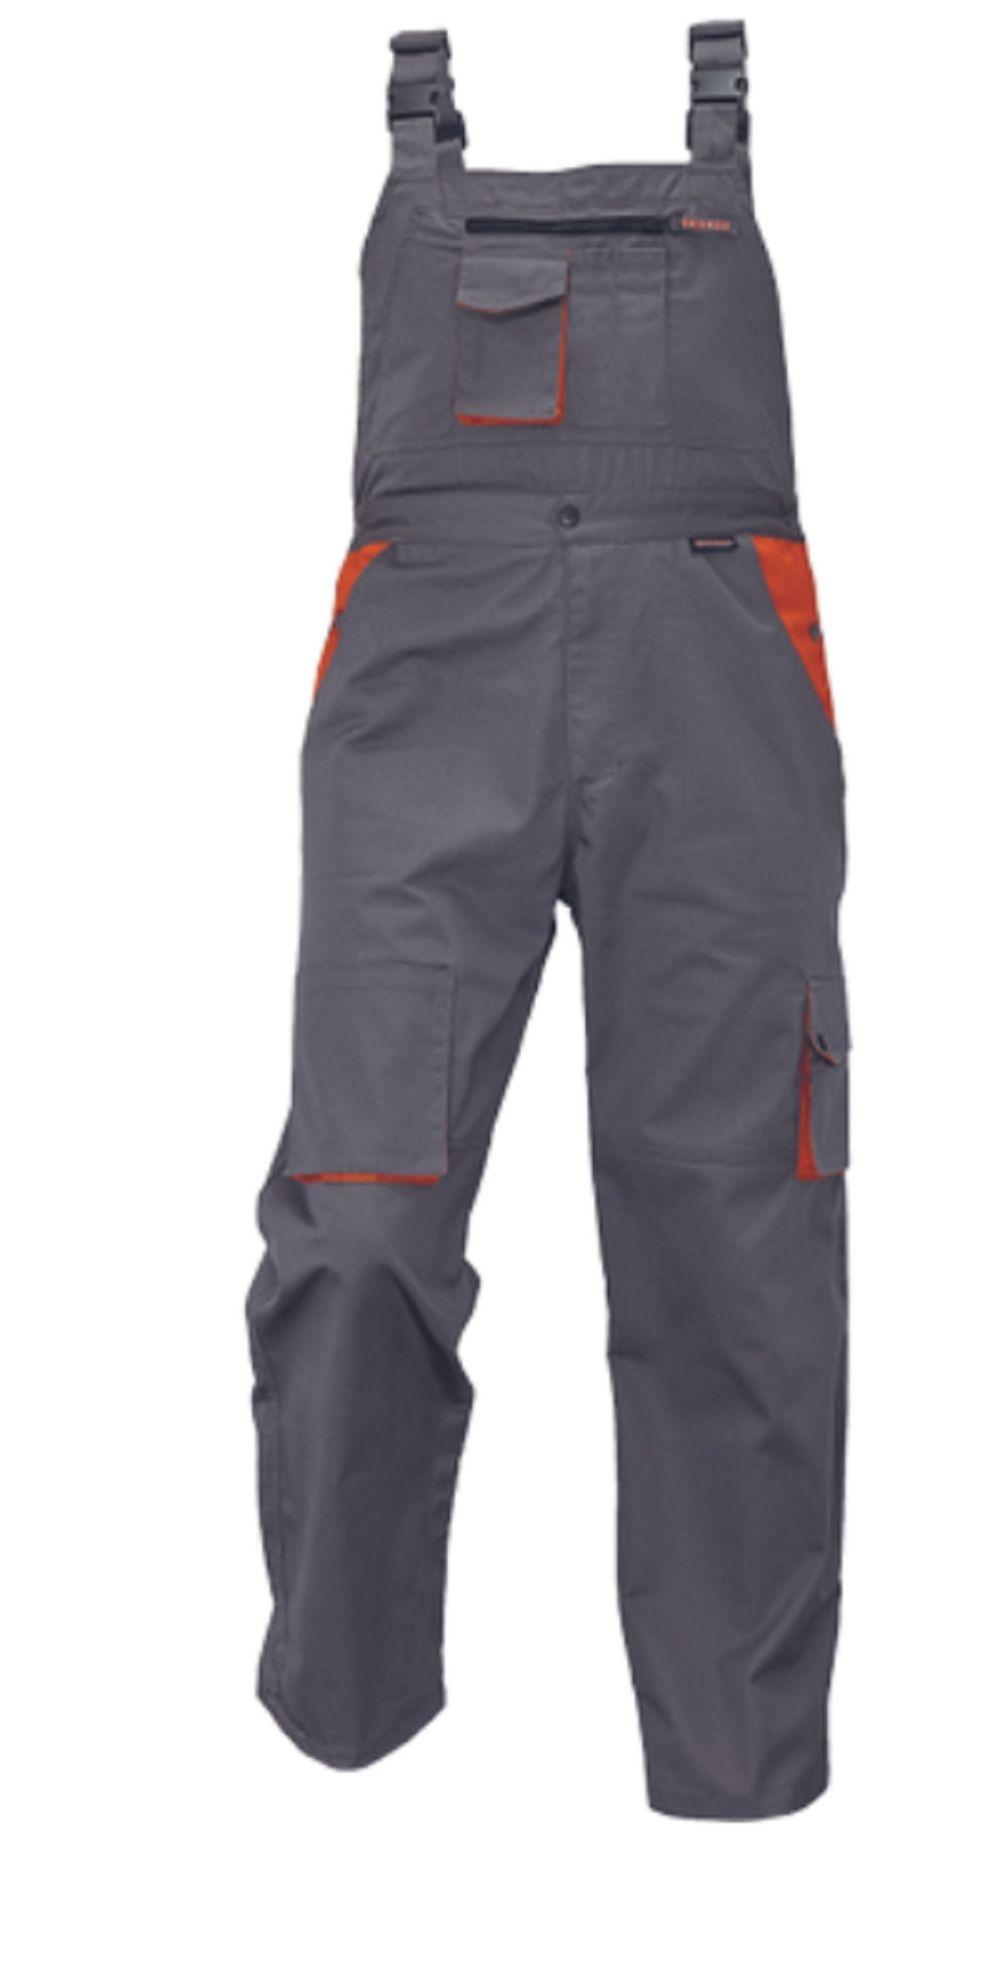 kalhoty,desman,laclové,pracovní